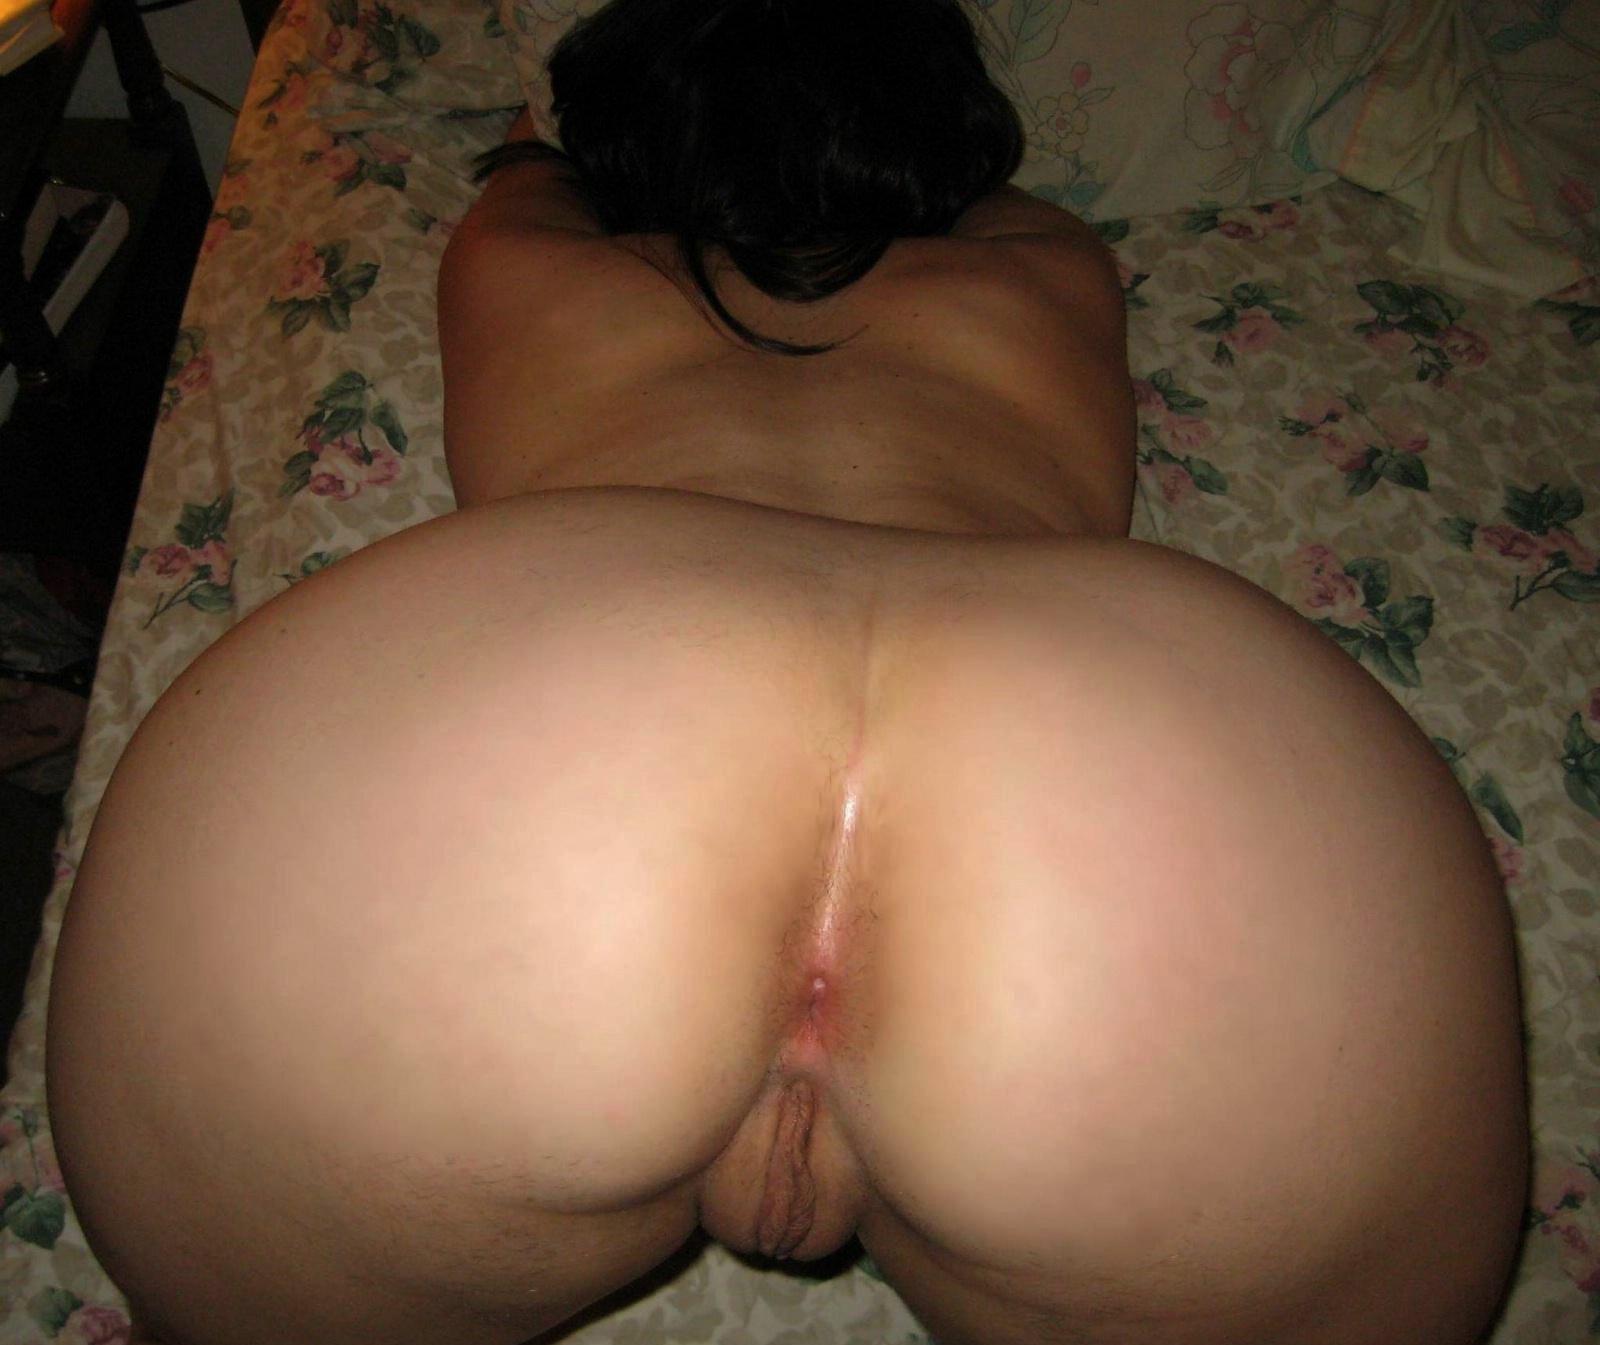 Частное порно фото большие сиськи и жопы 8 фотография